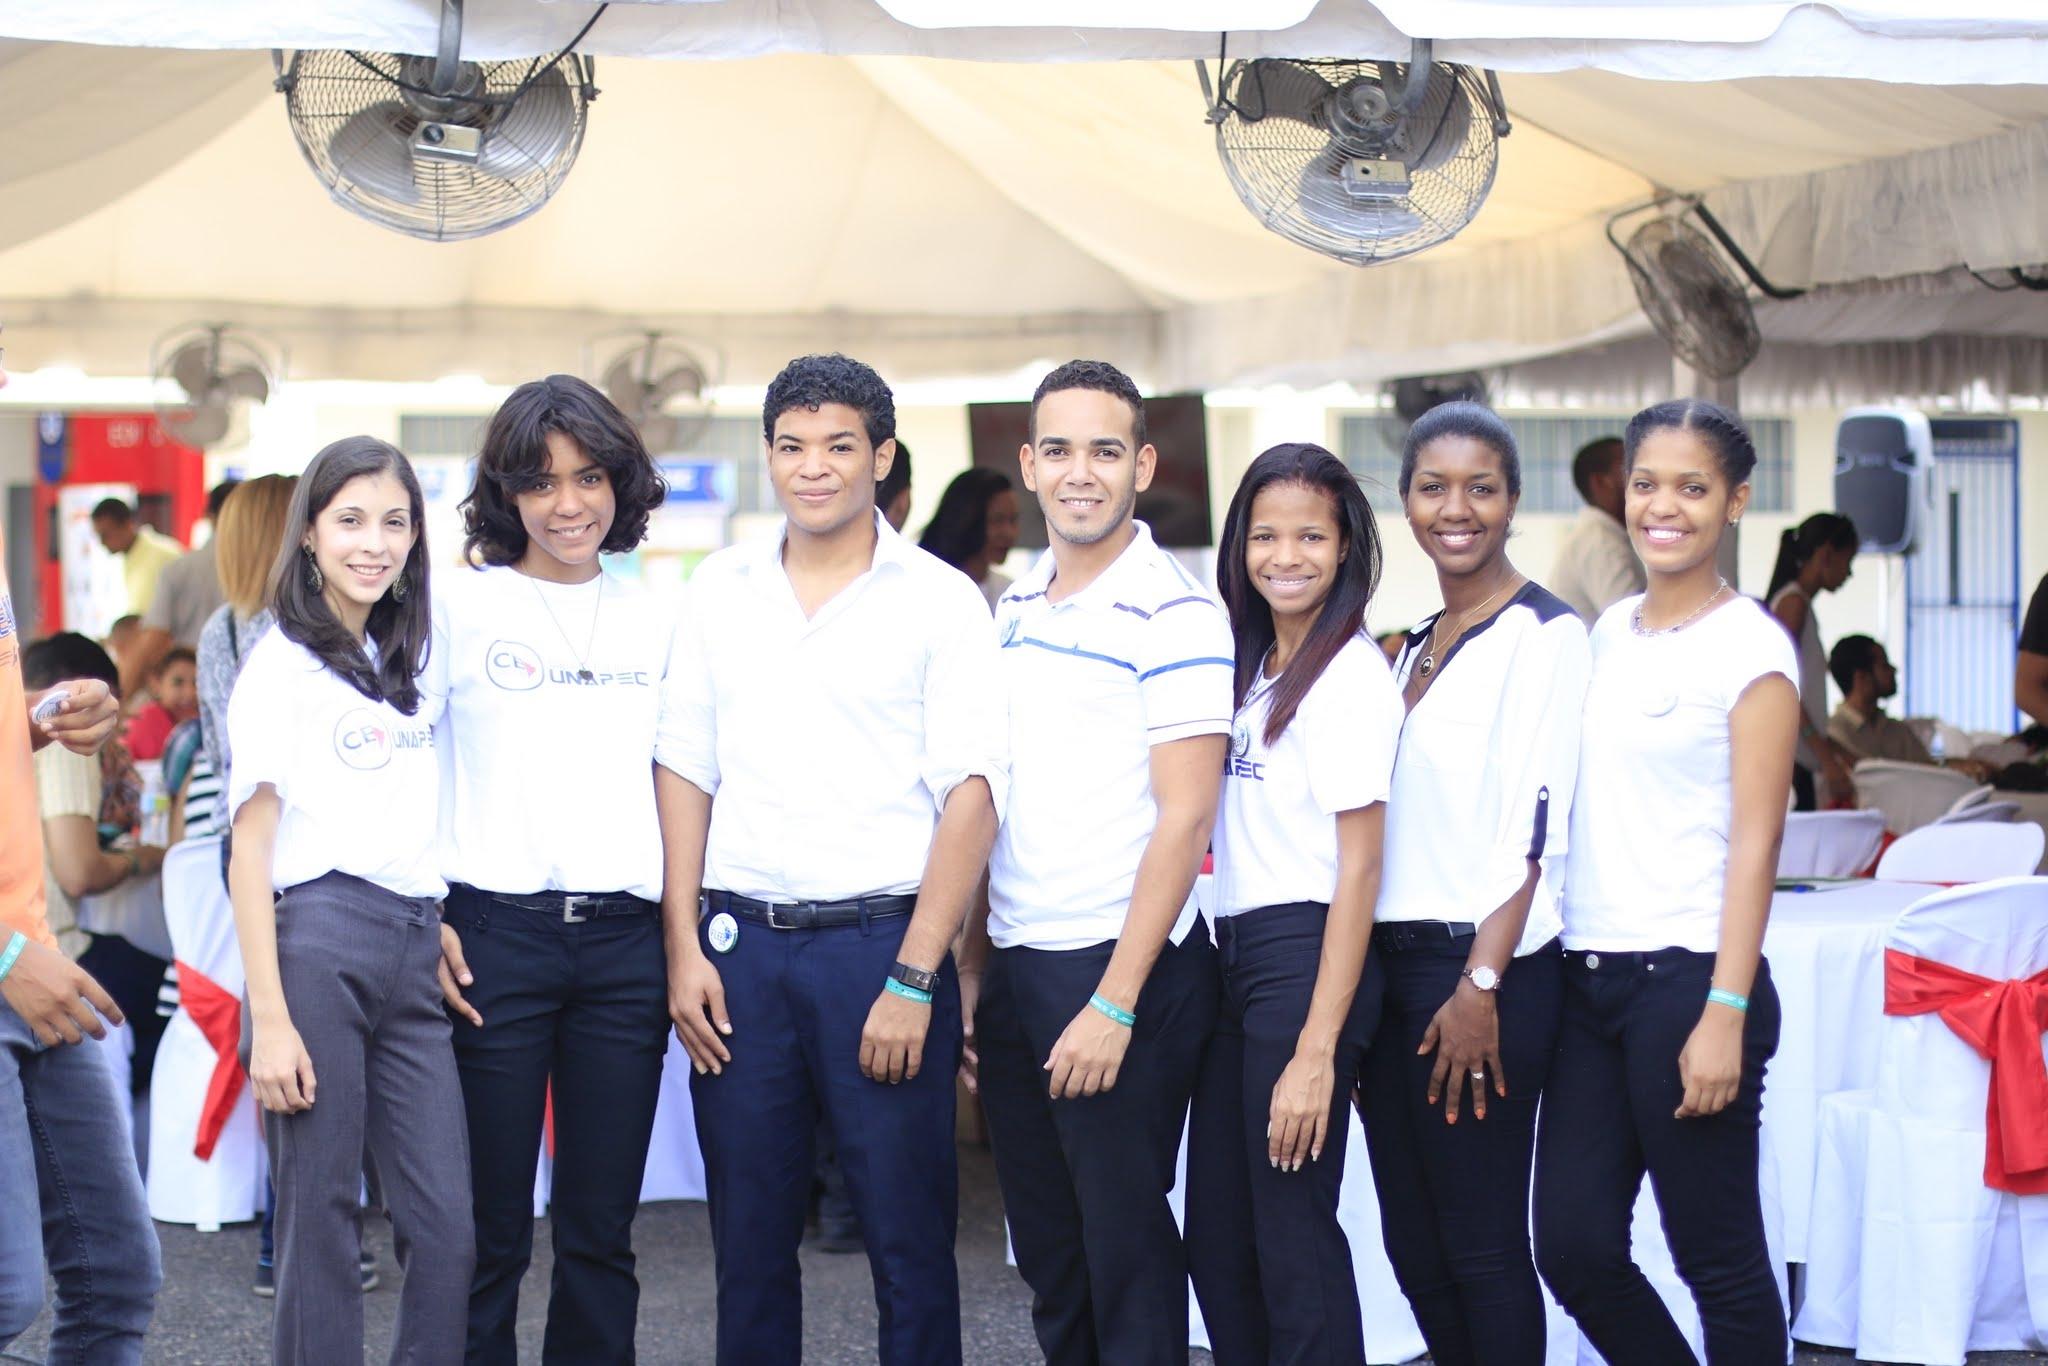 Universidad APEC - Donde Tú puedes ser